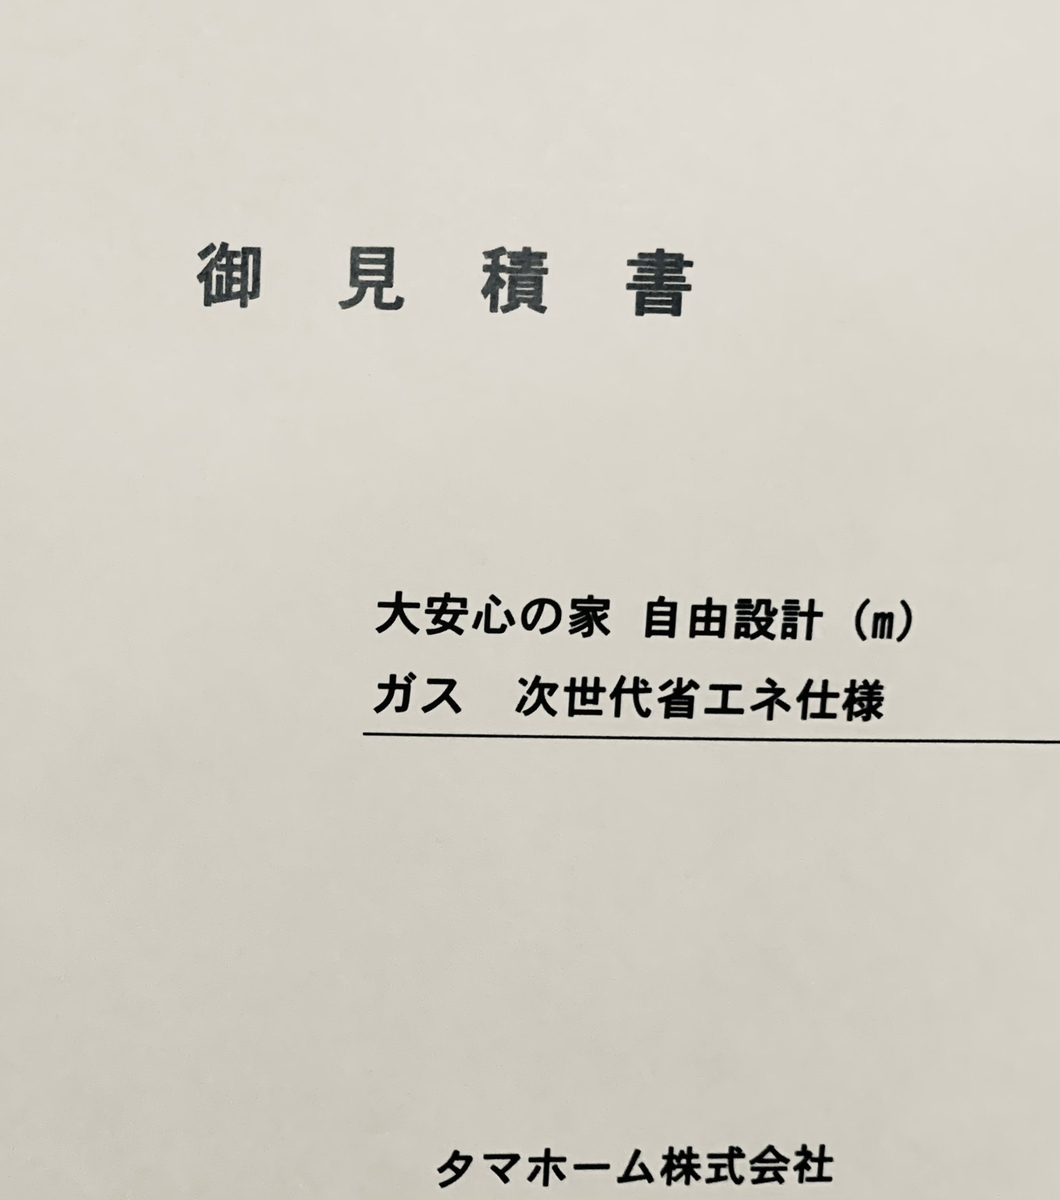 f:id:suzu20132013:20210617192948j:plain